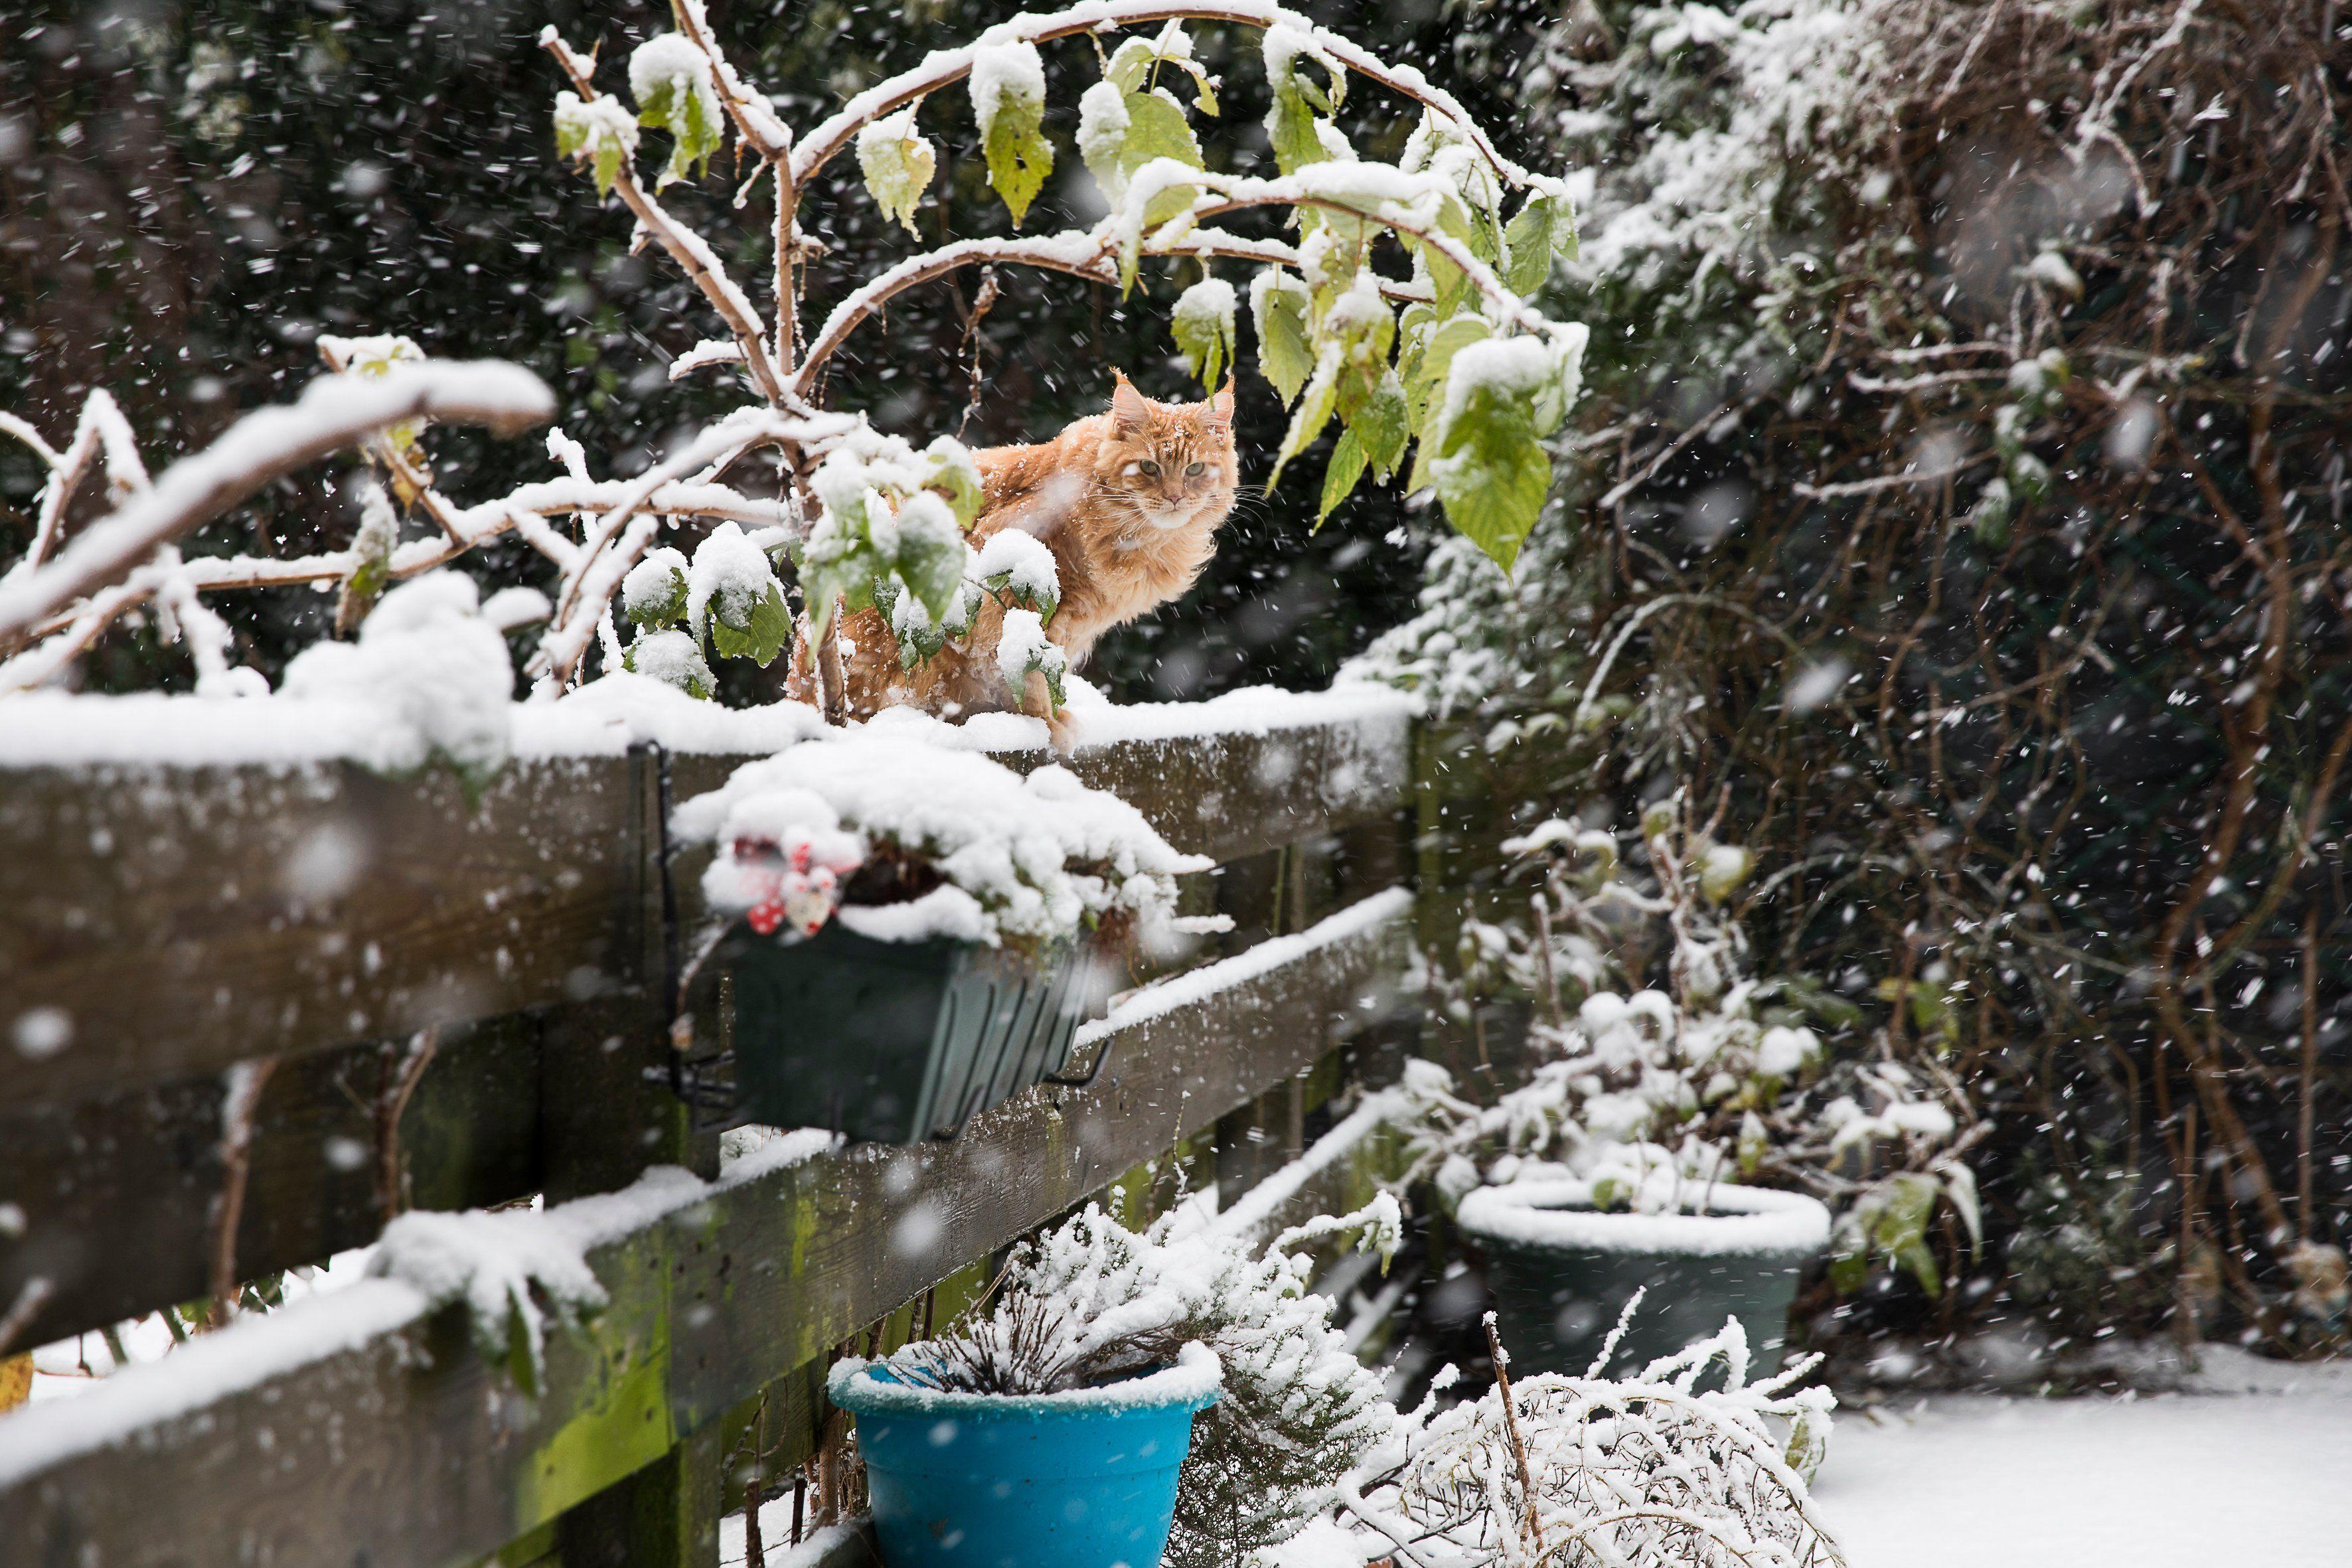 Nicht Nur Fur Miezen Gibt S Im Winterlichen Garten Etwas Zu Entdecken Garten Gartenarbeit Garten Hochbeet